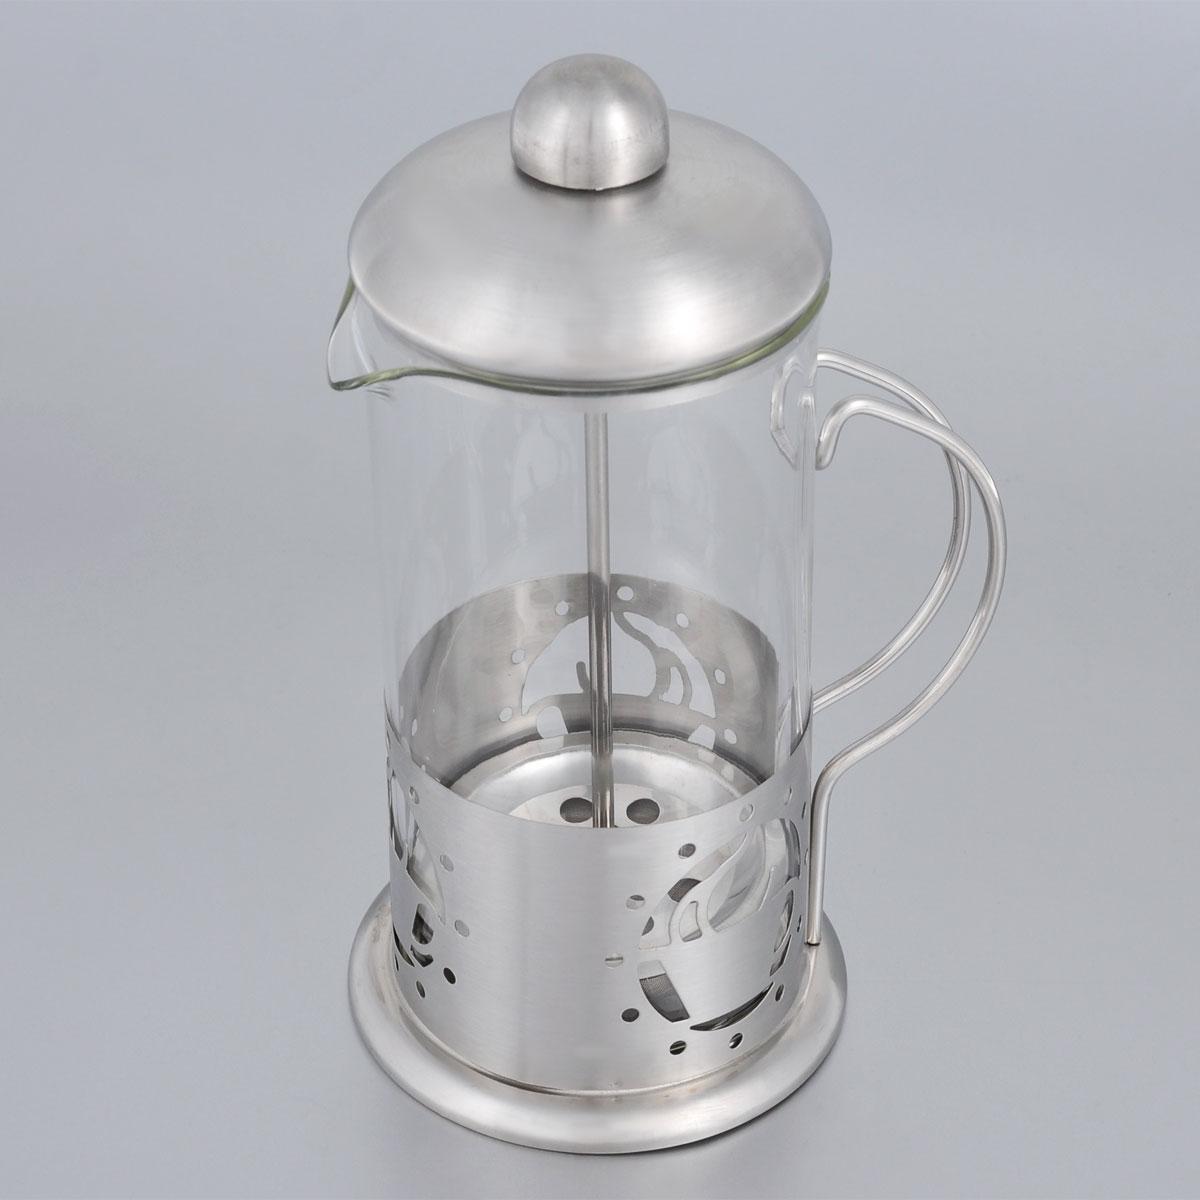 Френч-пресс Bohmann, 350 мл. 9537BH9537BH/NEWФренч-пресс Bohmann используется для заваривания крупнолистового чая, кофе среднего помола, травяных сборов. Изготовлен из высококачественной нержавеющей стали и термостойкого стекла, выдерживающего высокую температуру, что придает ему надежность и долговечность. Френч-пресс Bohmann незаменим для любителей чая и кофе. Можно мыть в посудомоечной машине. Объем: 350 мл. Высота (с учетом крышки): 18 см. Диаметр (по верхнему краю): 7,5 см.